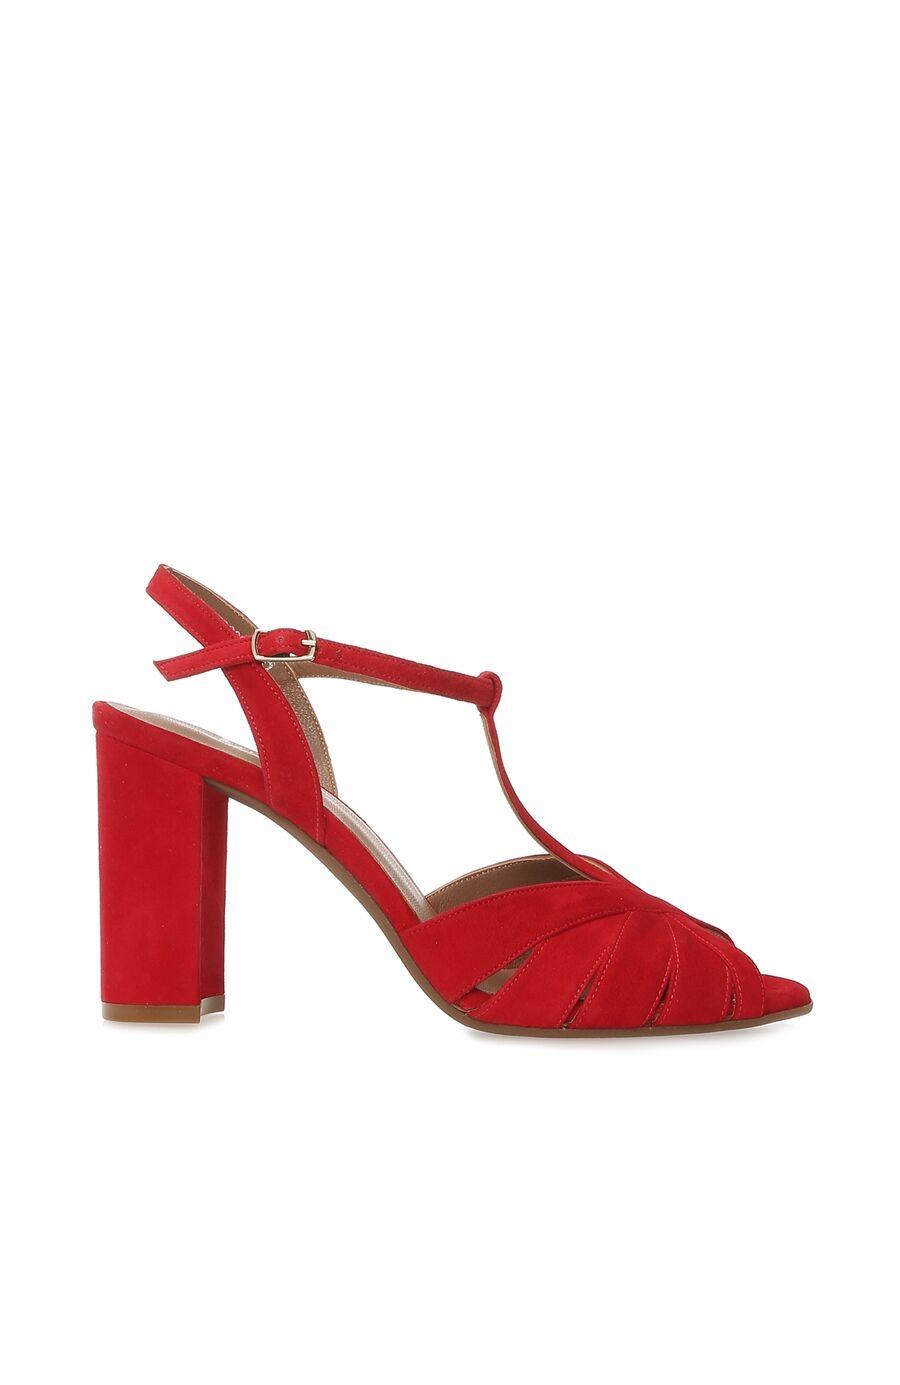 Luca Grossı Volare Kırmızı Sandalet – 899.0 TL